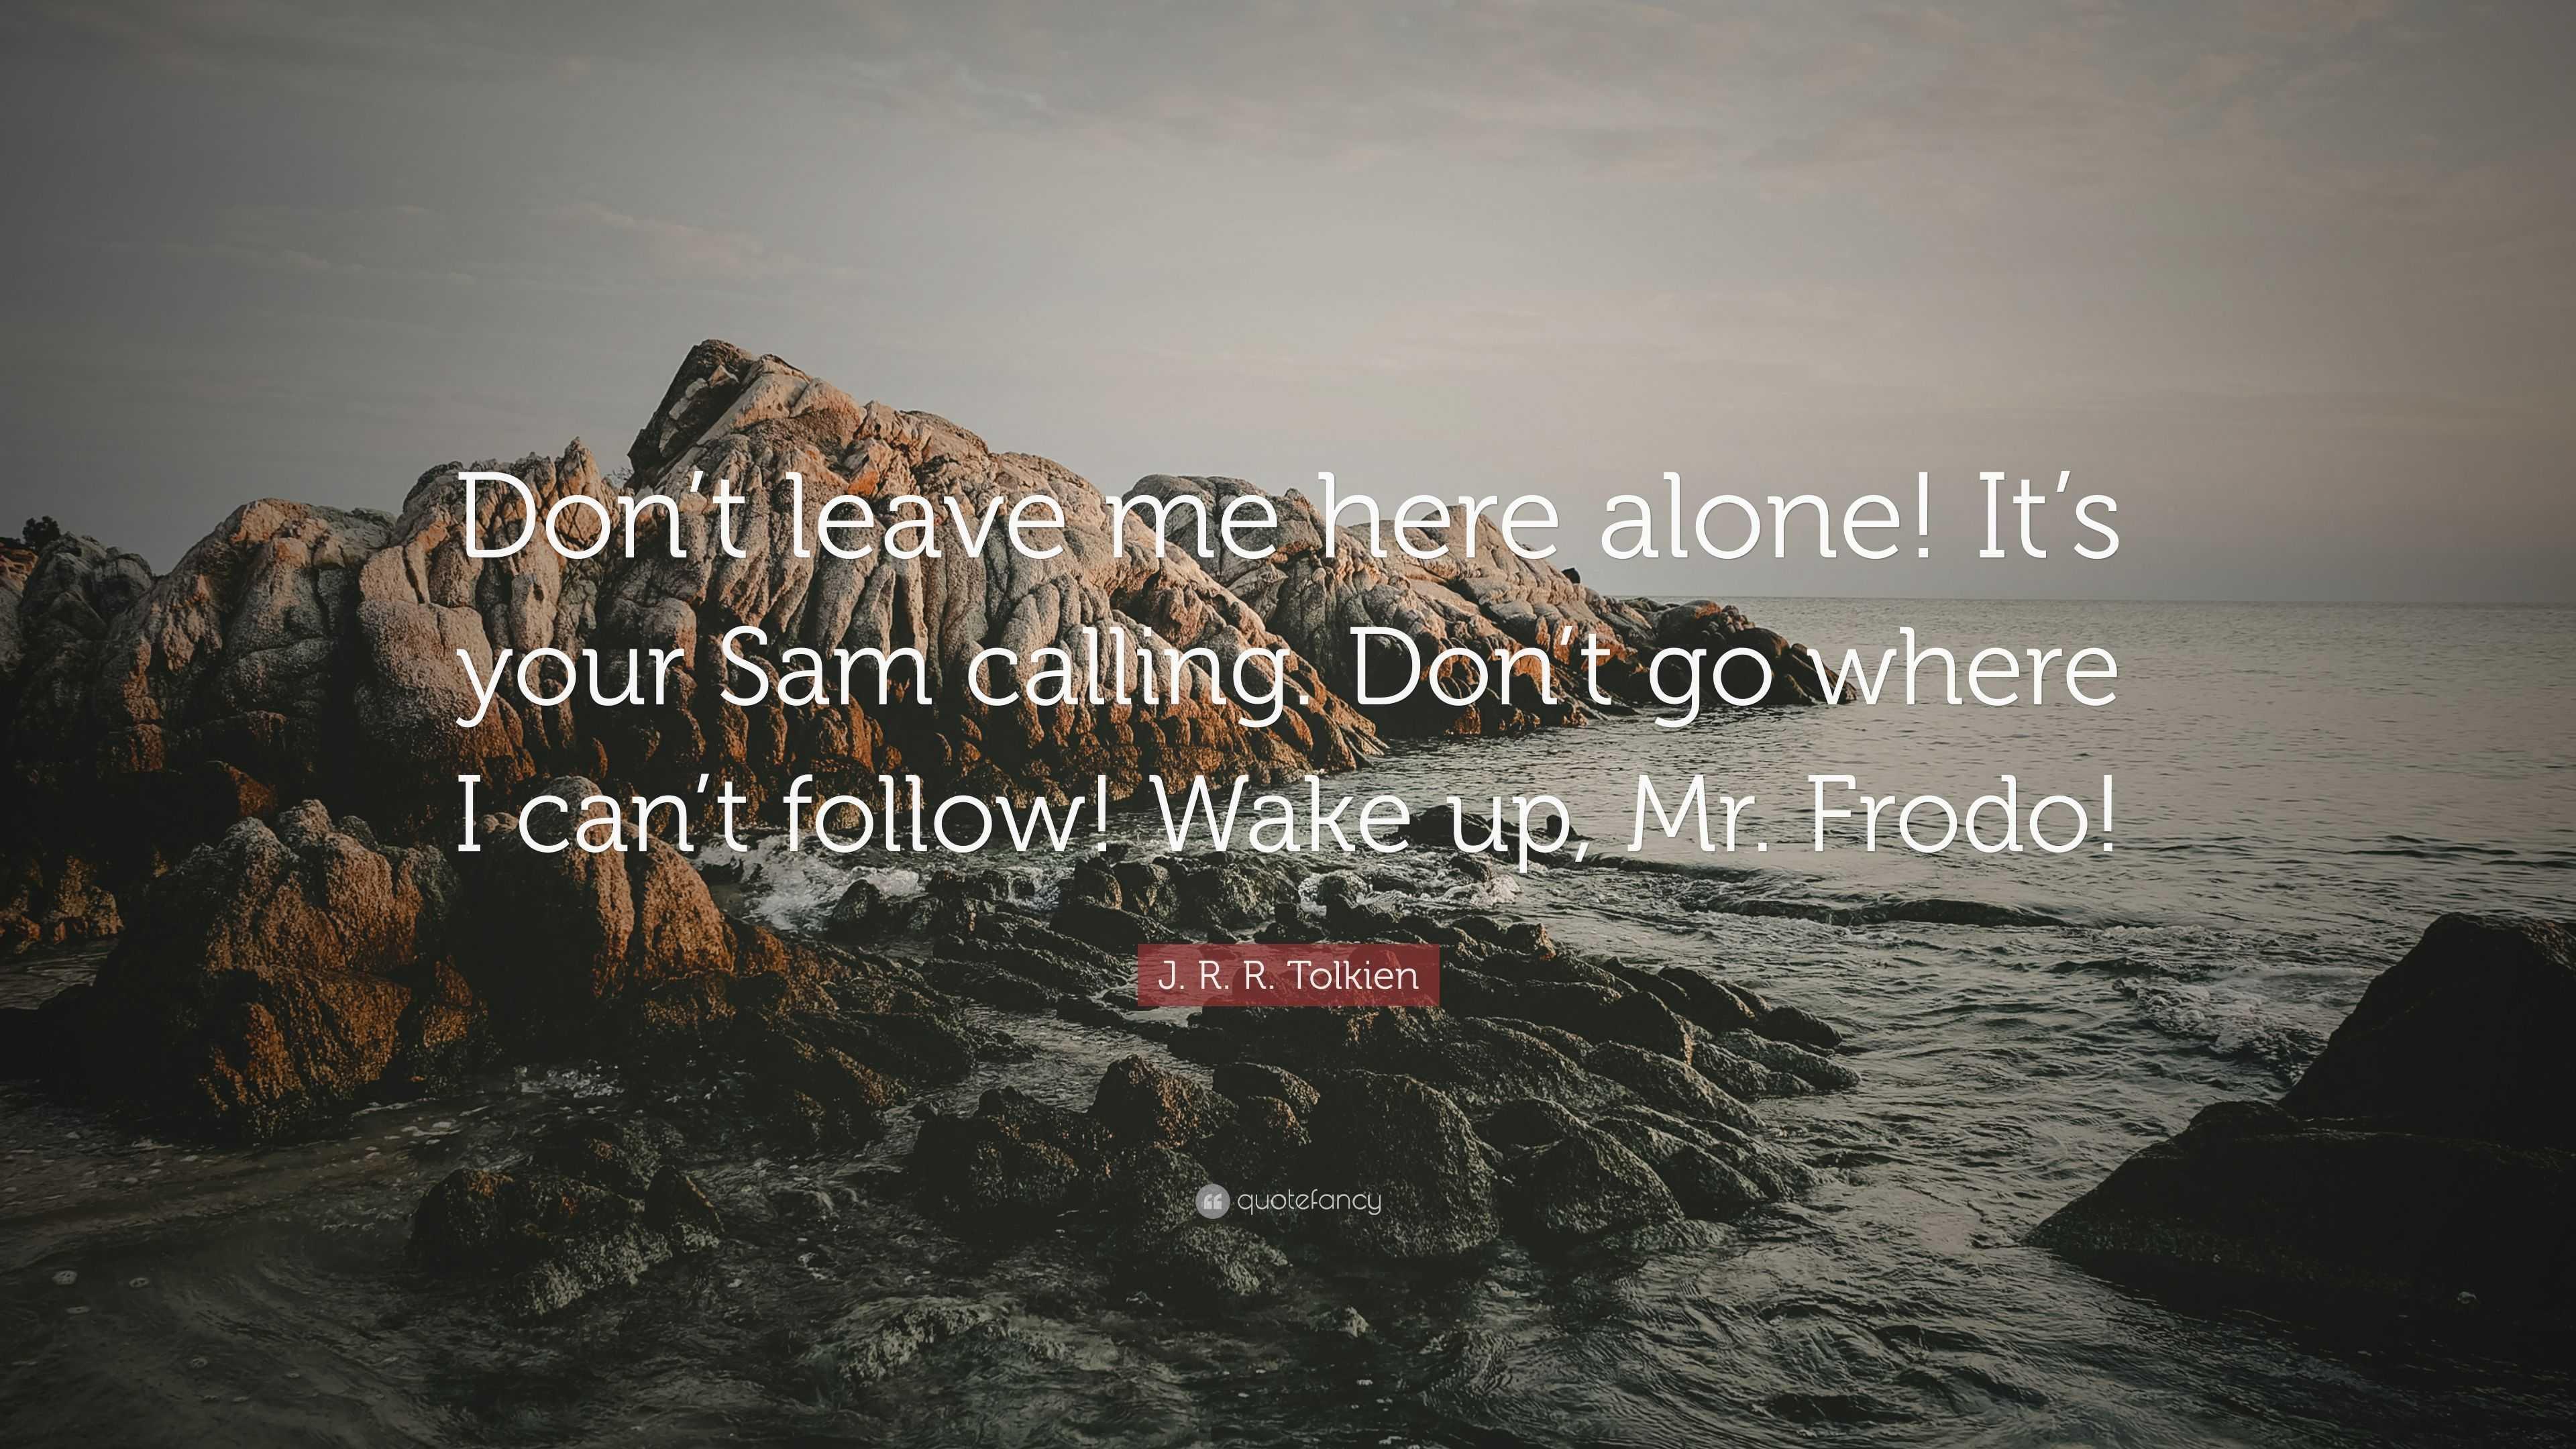 J. R. R. Tolkien Quote: U201cDonu0027t Leave Me Here Alone! Itu0027s Your Sam